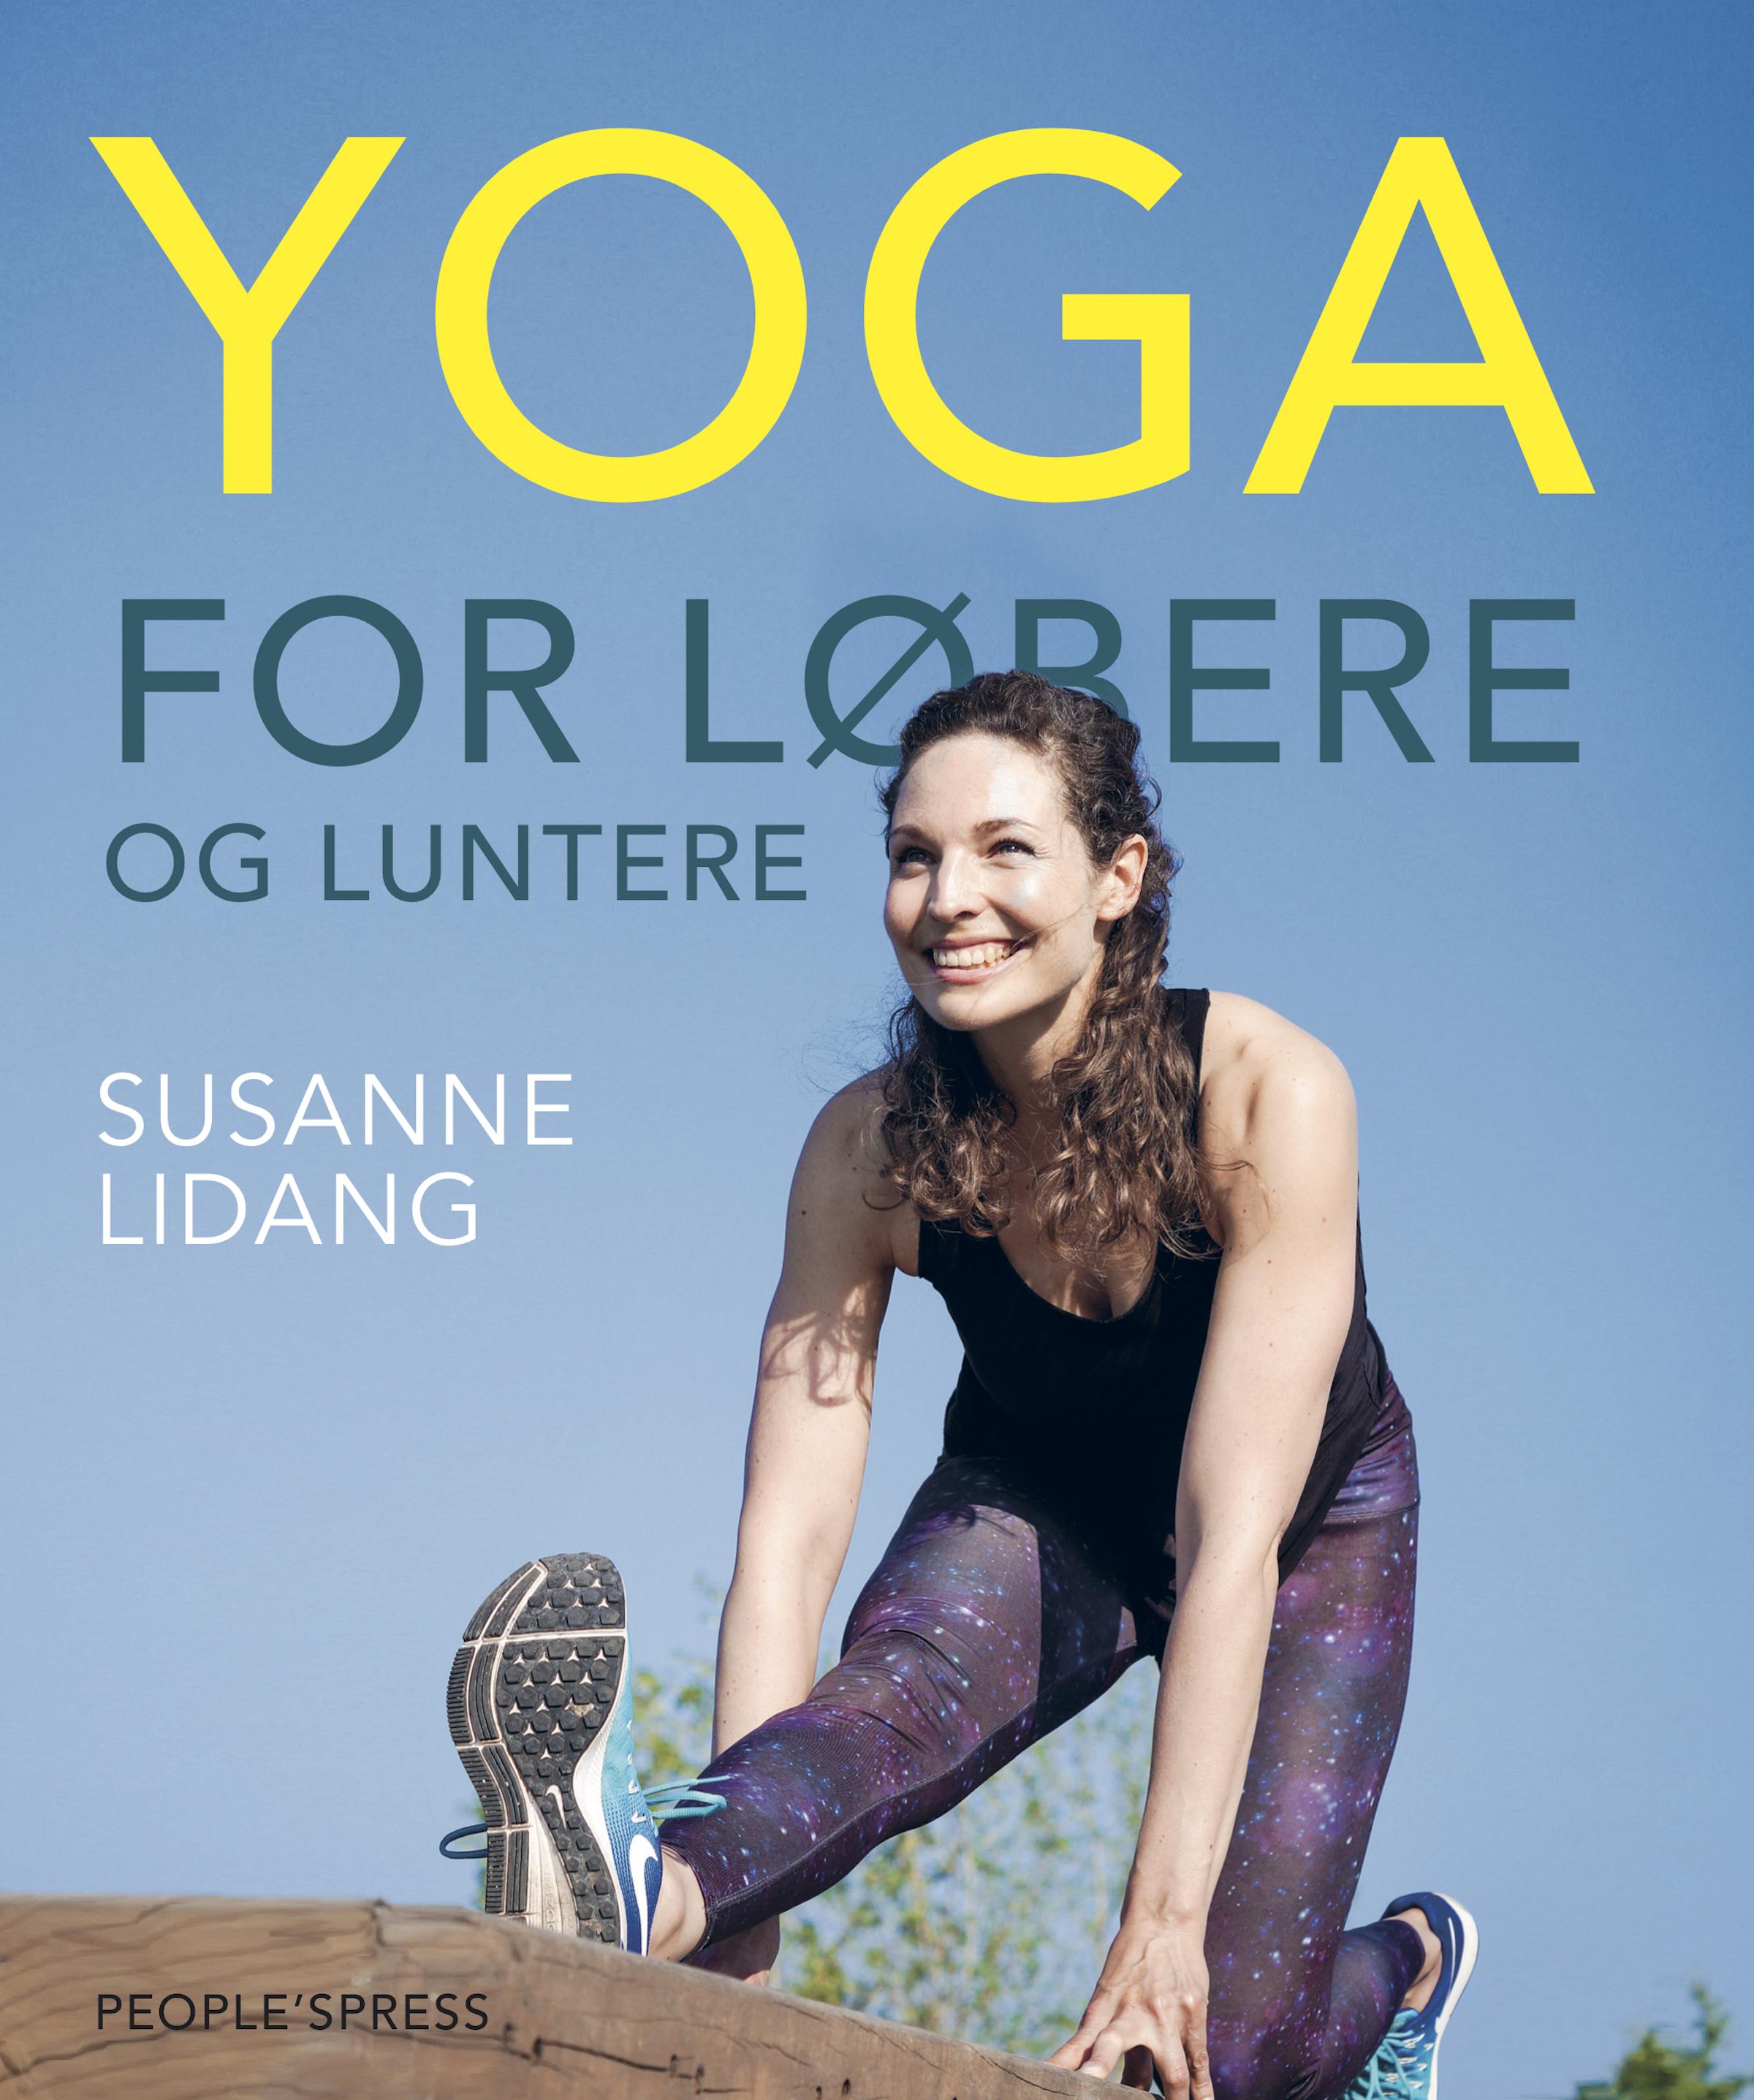 Yoga for løbere - e-bog fra N/A på bog & mystik